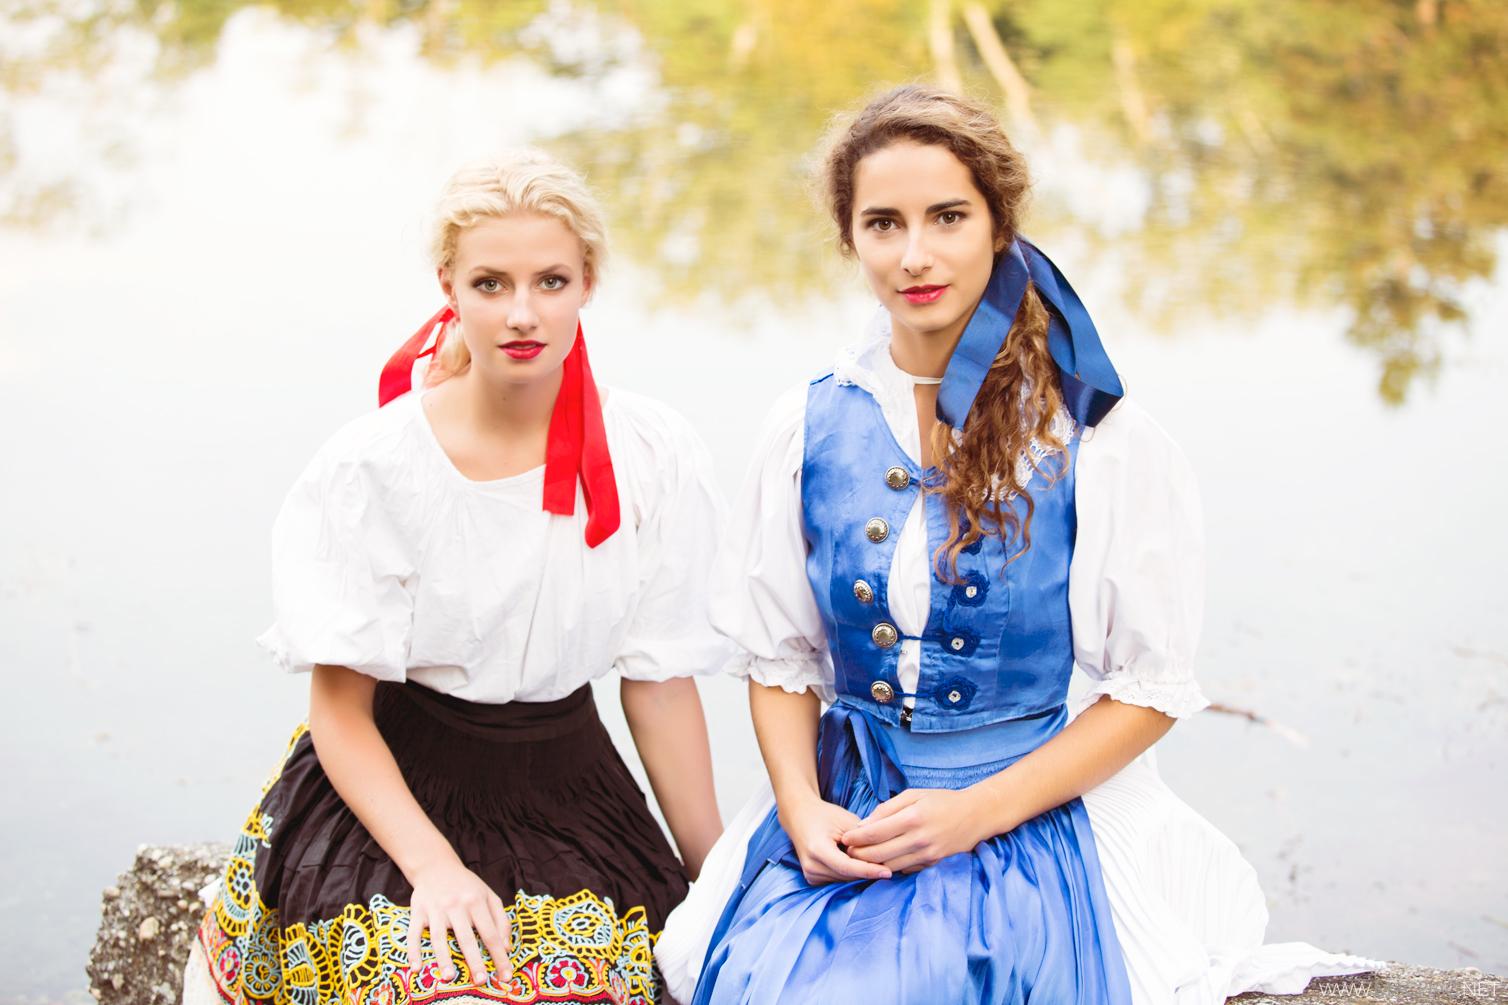 Maria & Veronika